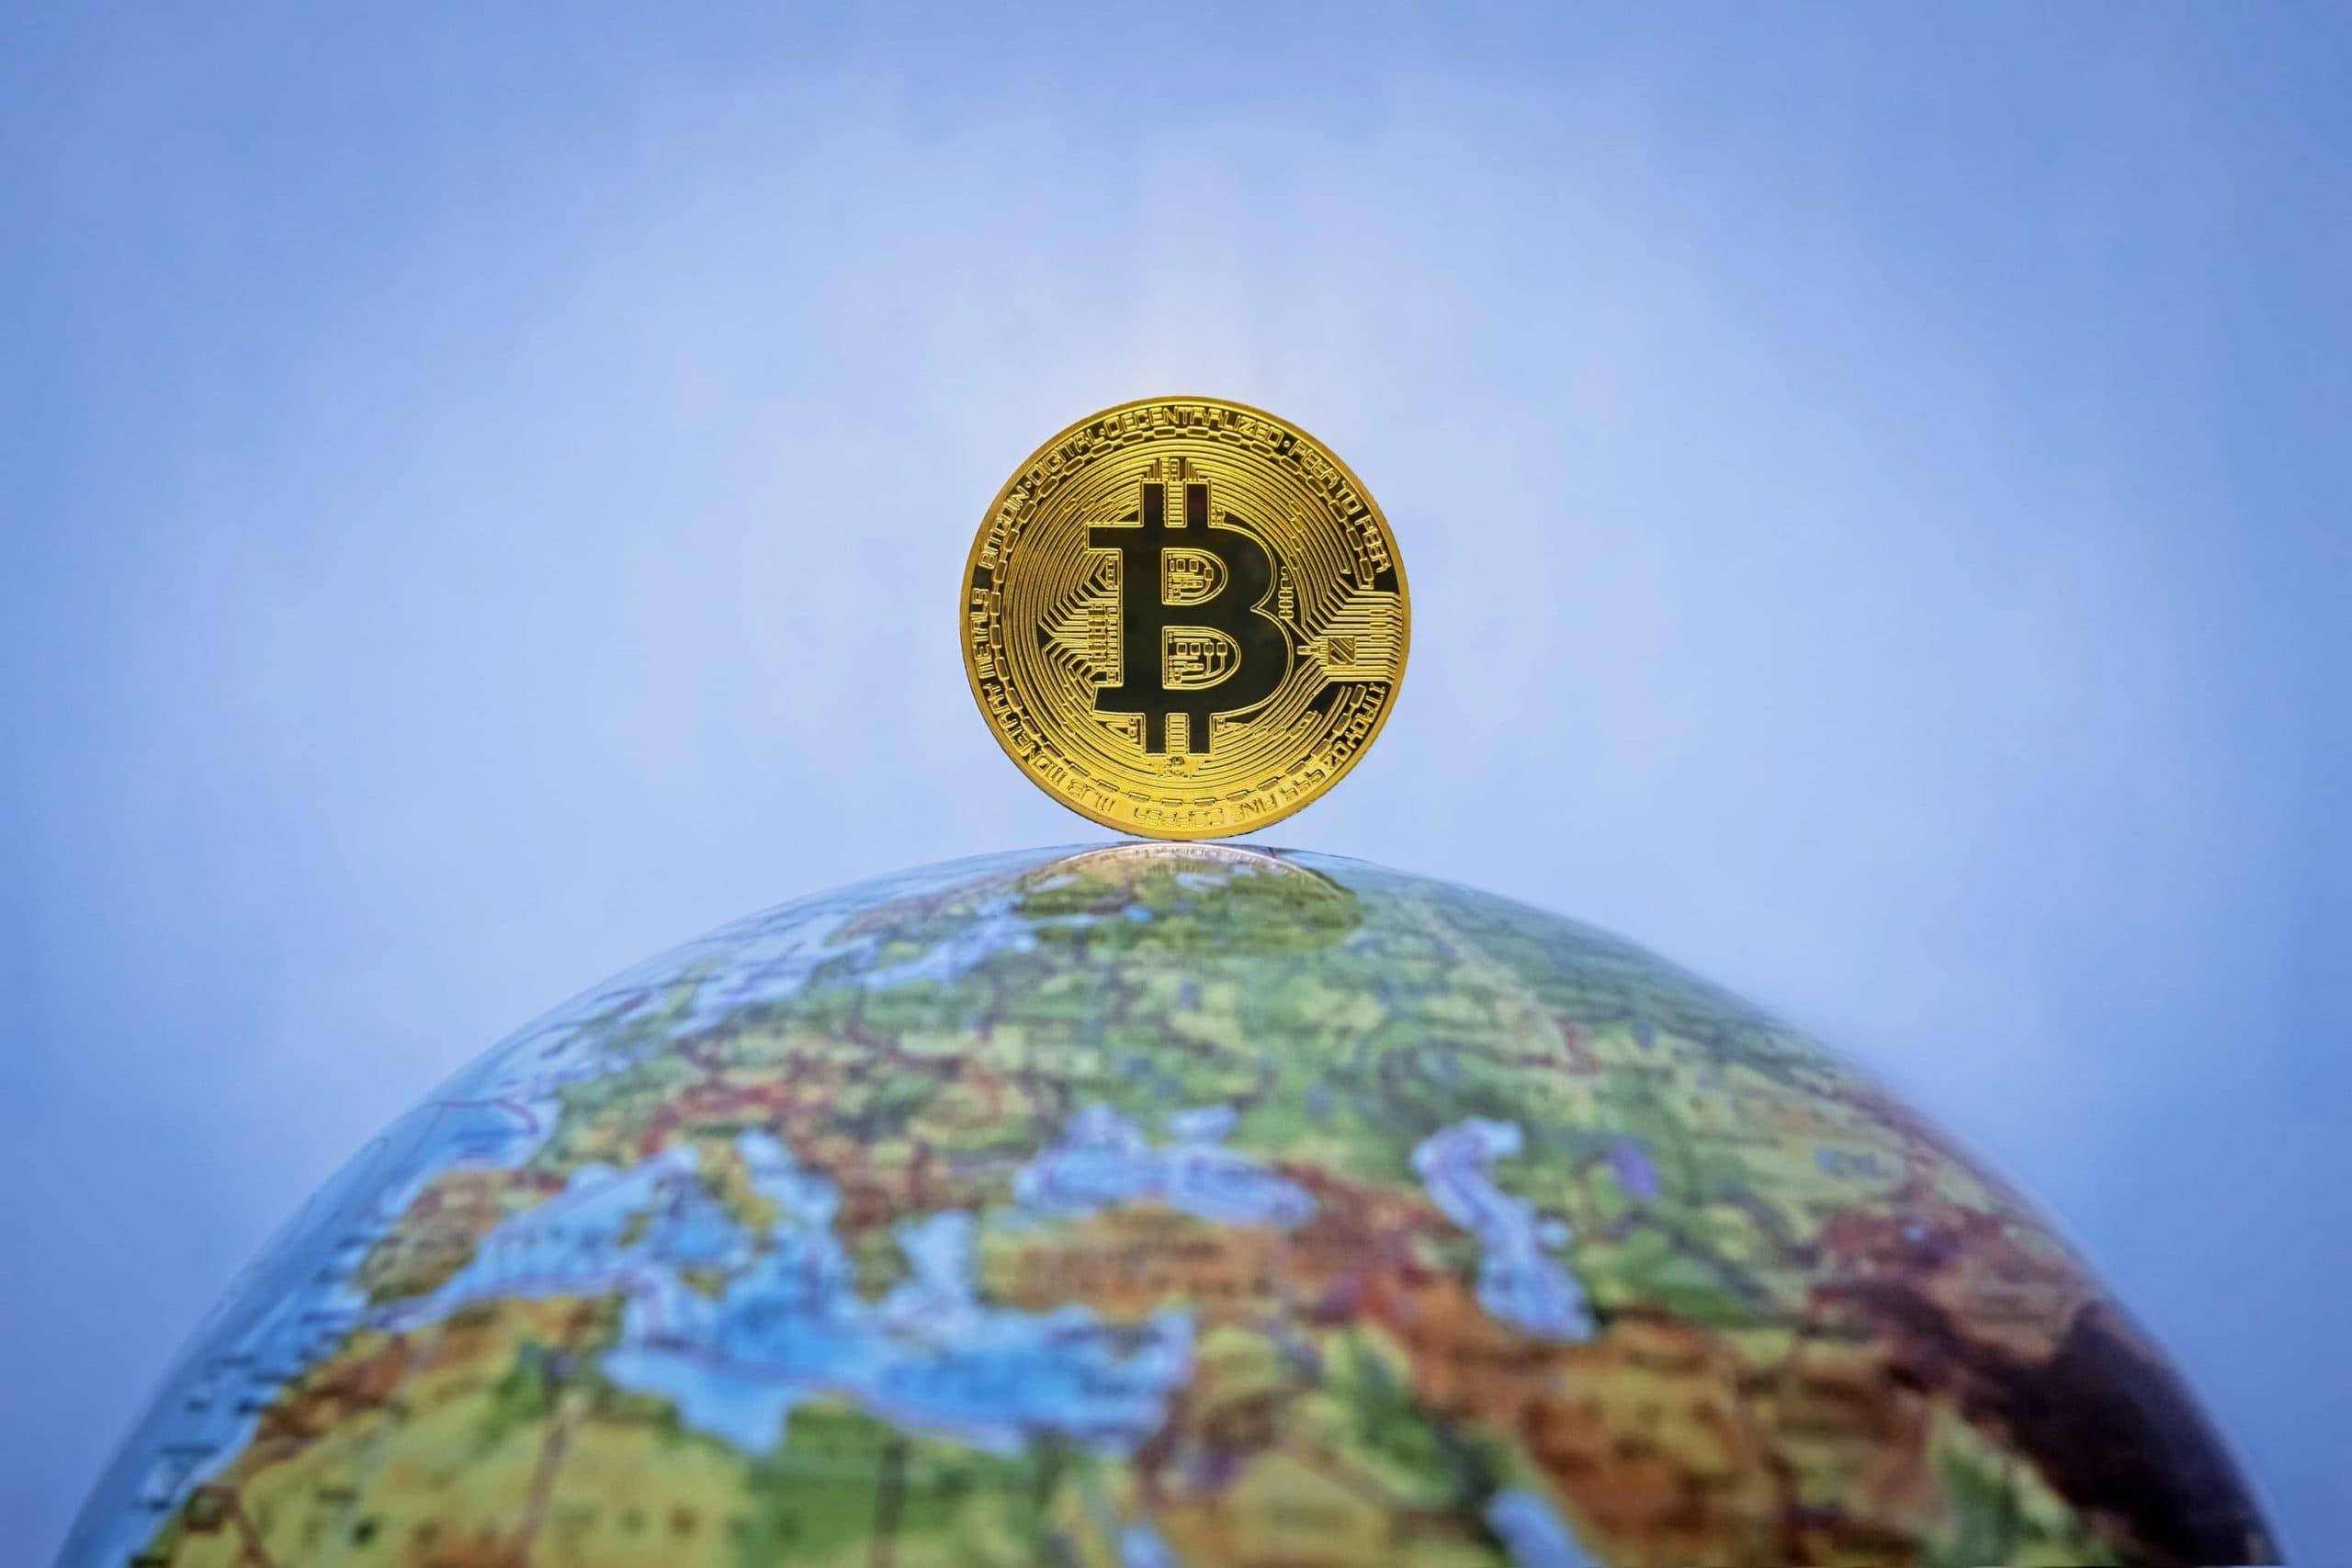 Bitcoin-Münze auf dem Nordpol eines Globus